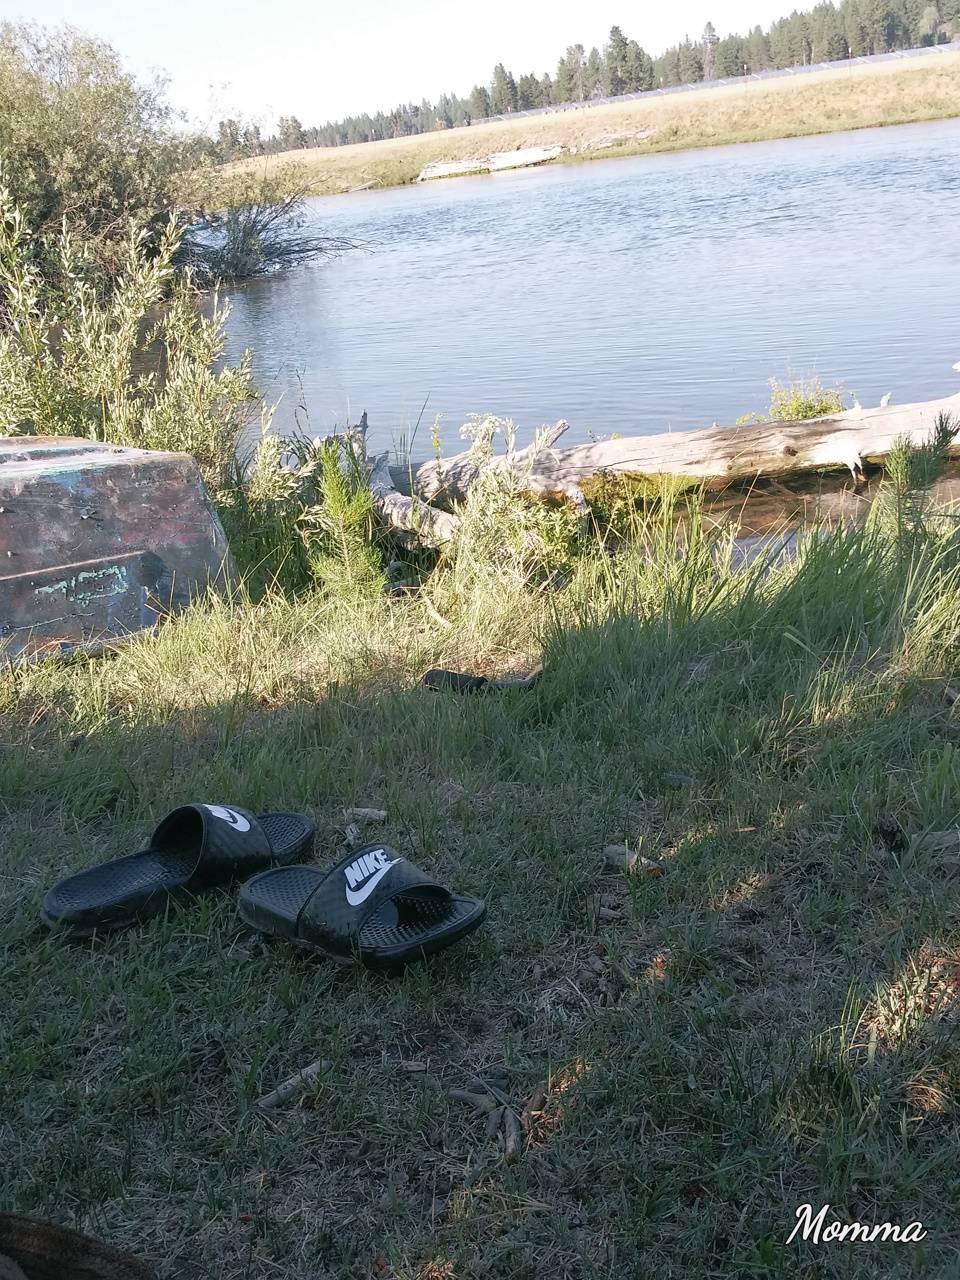 Shoes shoe